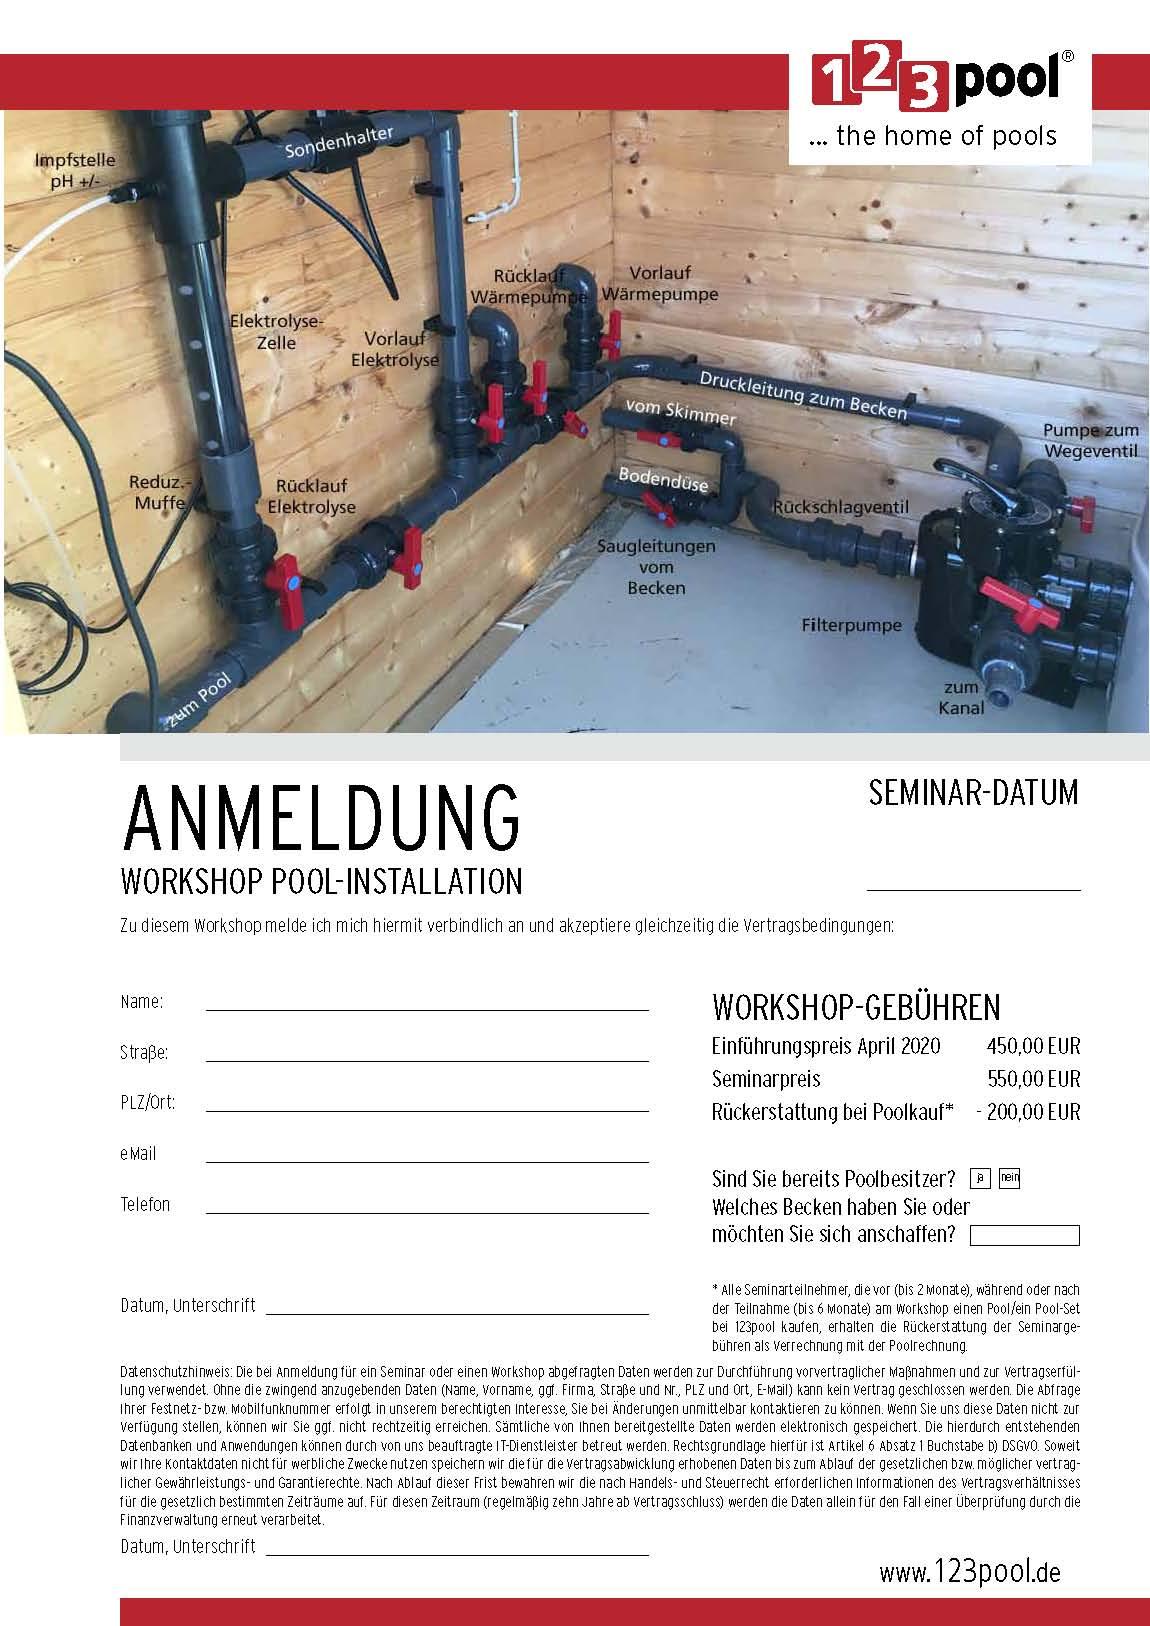 Anmeldung Workshop